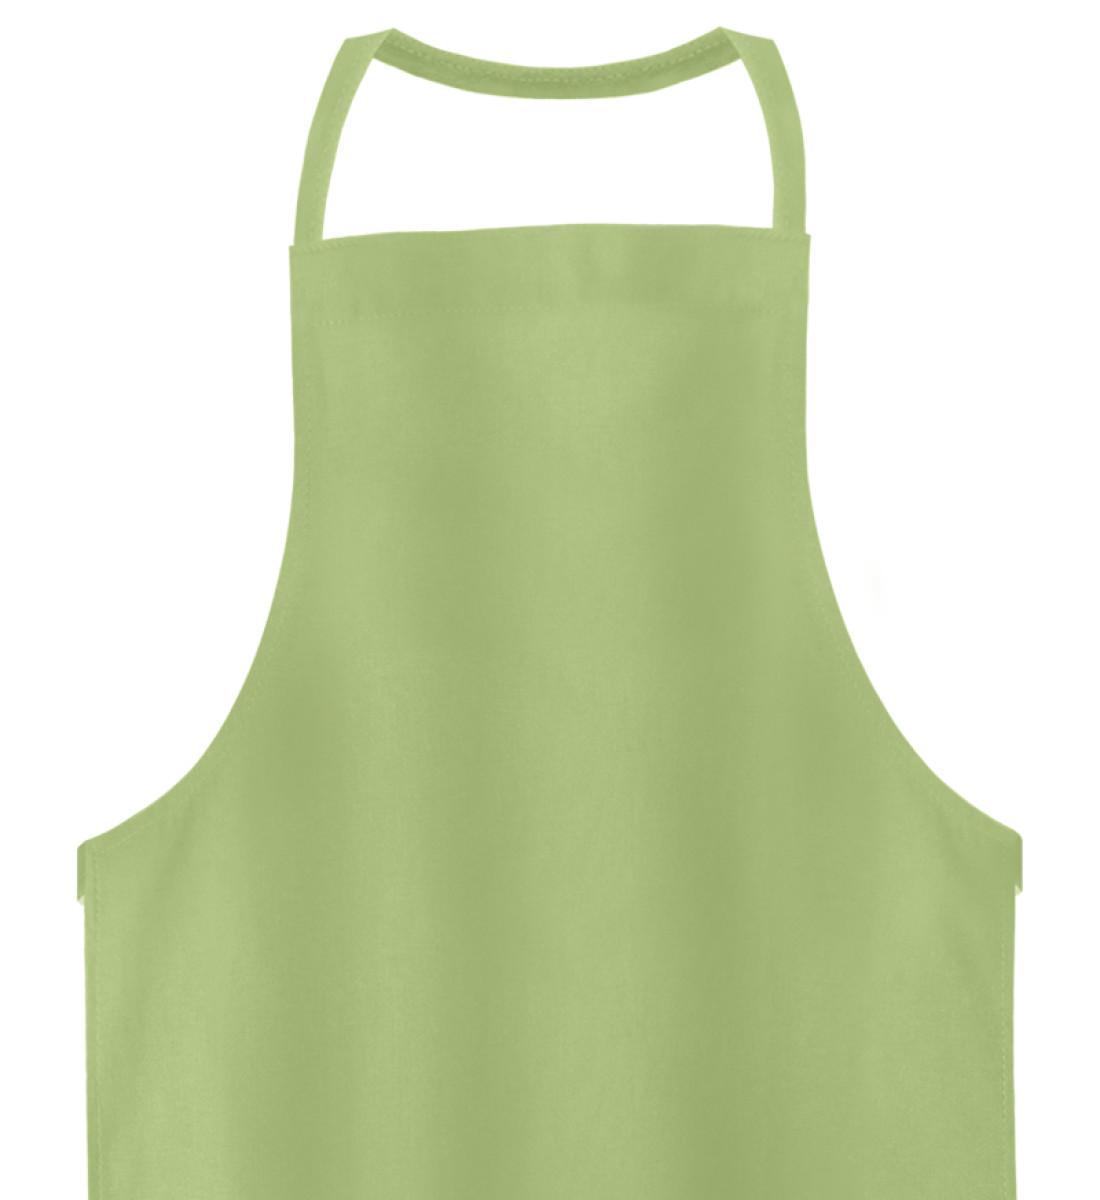 Beispiel - Hochwertige Grillschürze-6860